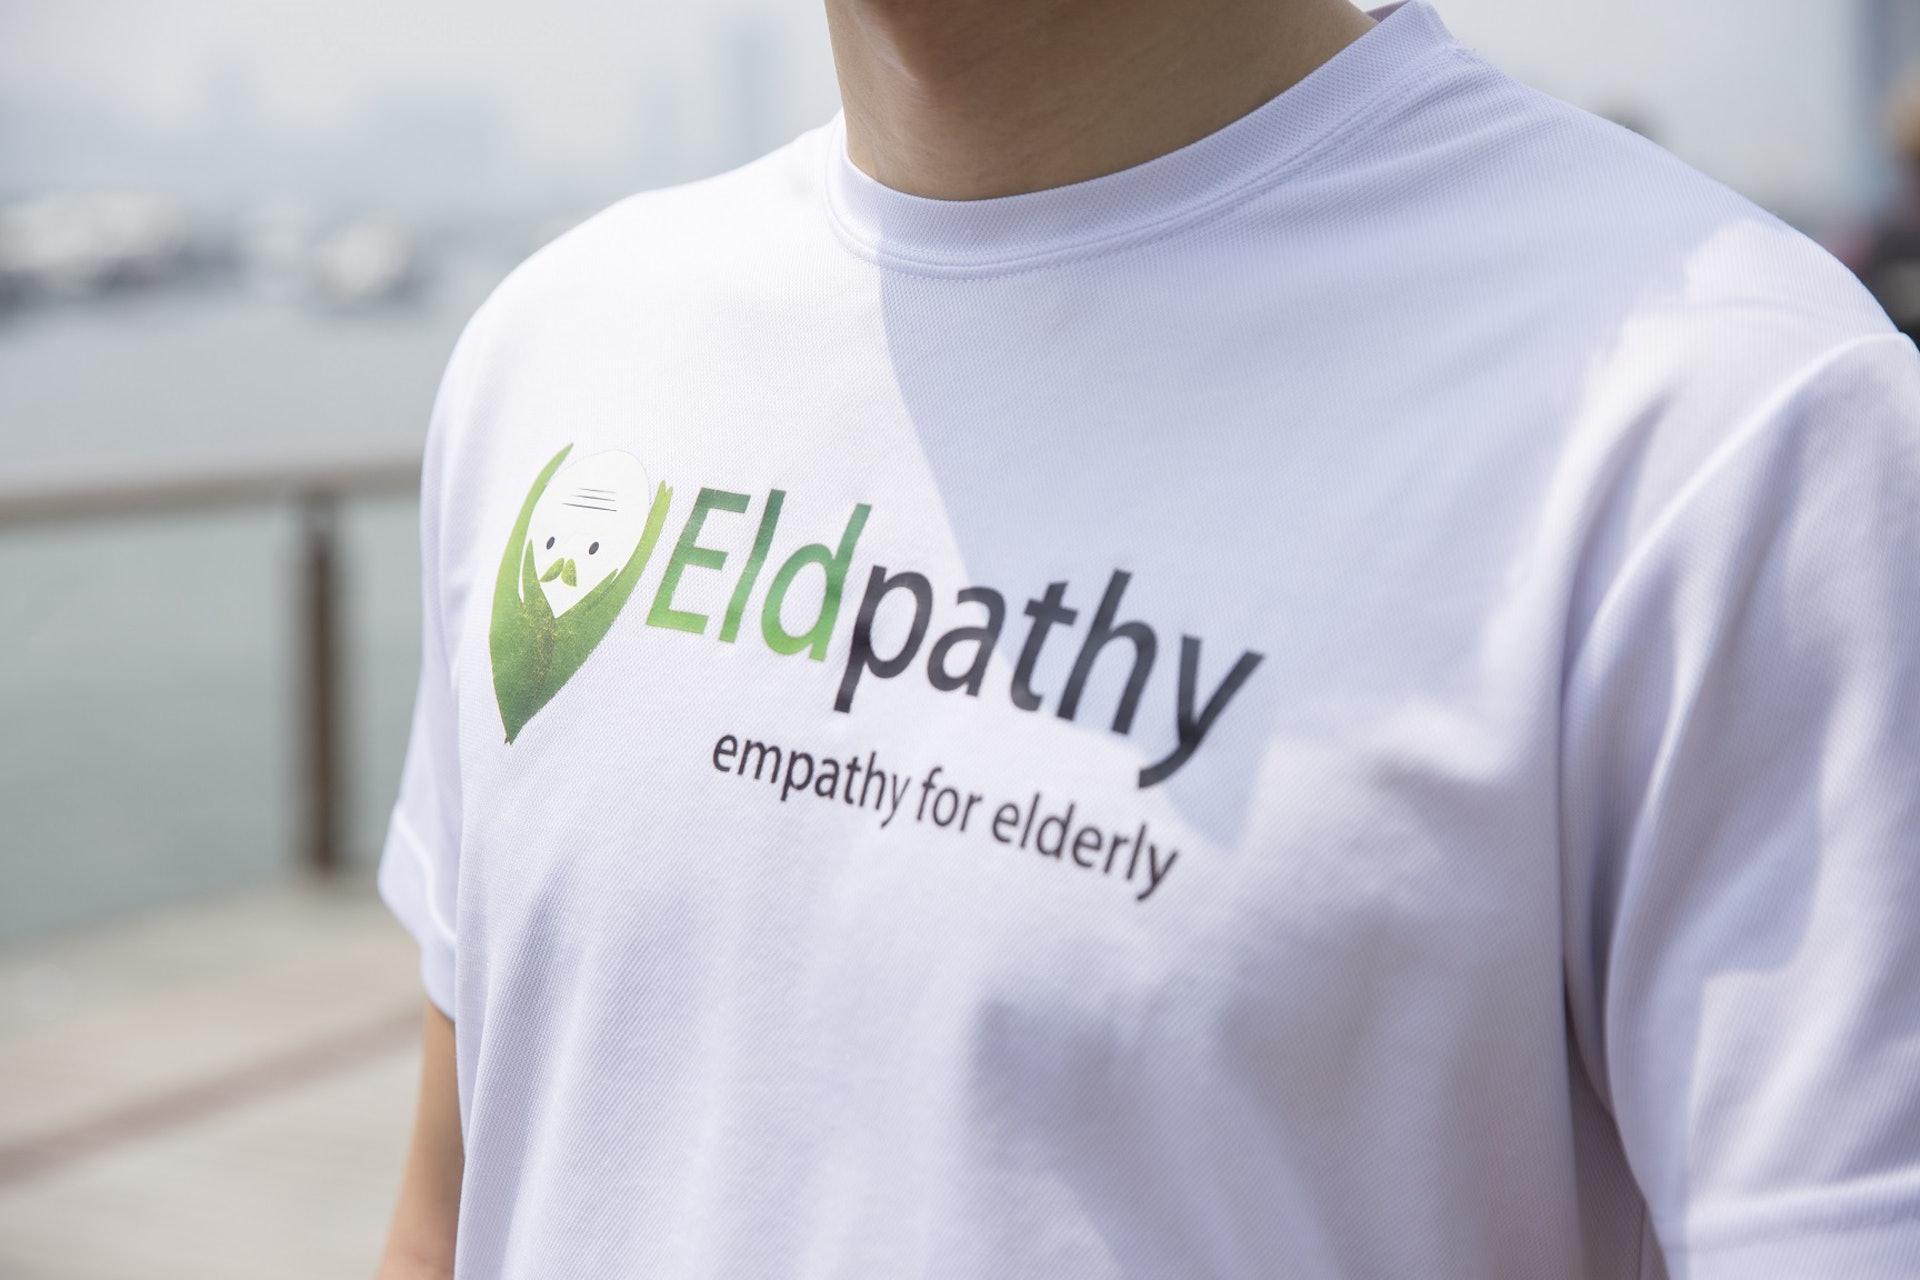 歷耆者的英文名字Eldpathy,正是說對長者的同理心。(龔嘉盛攝)